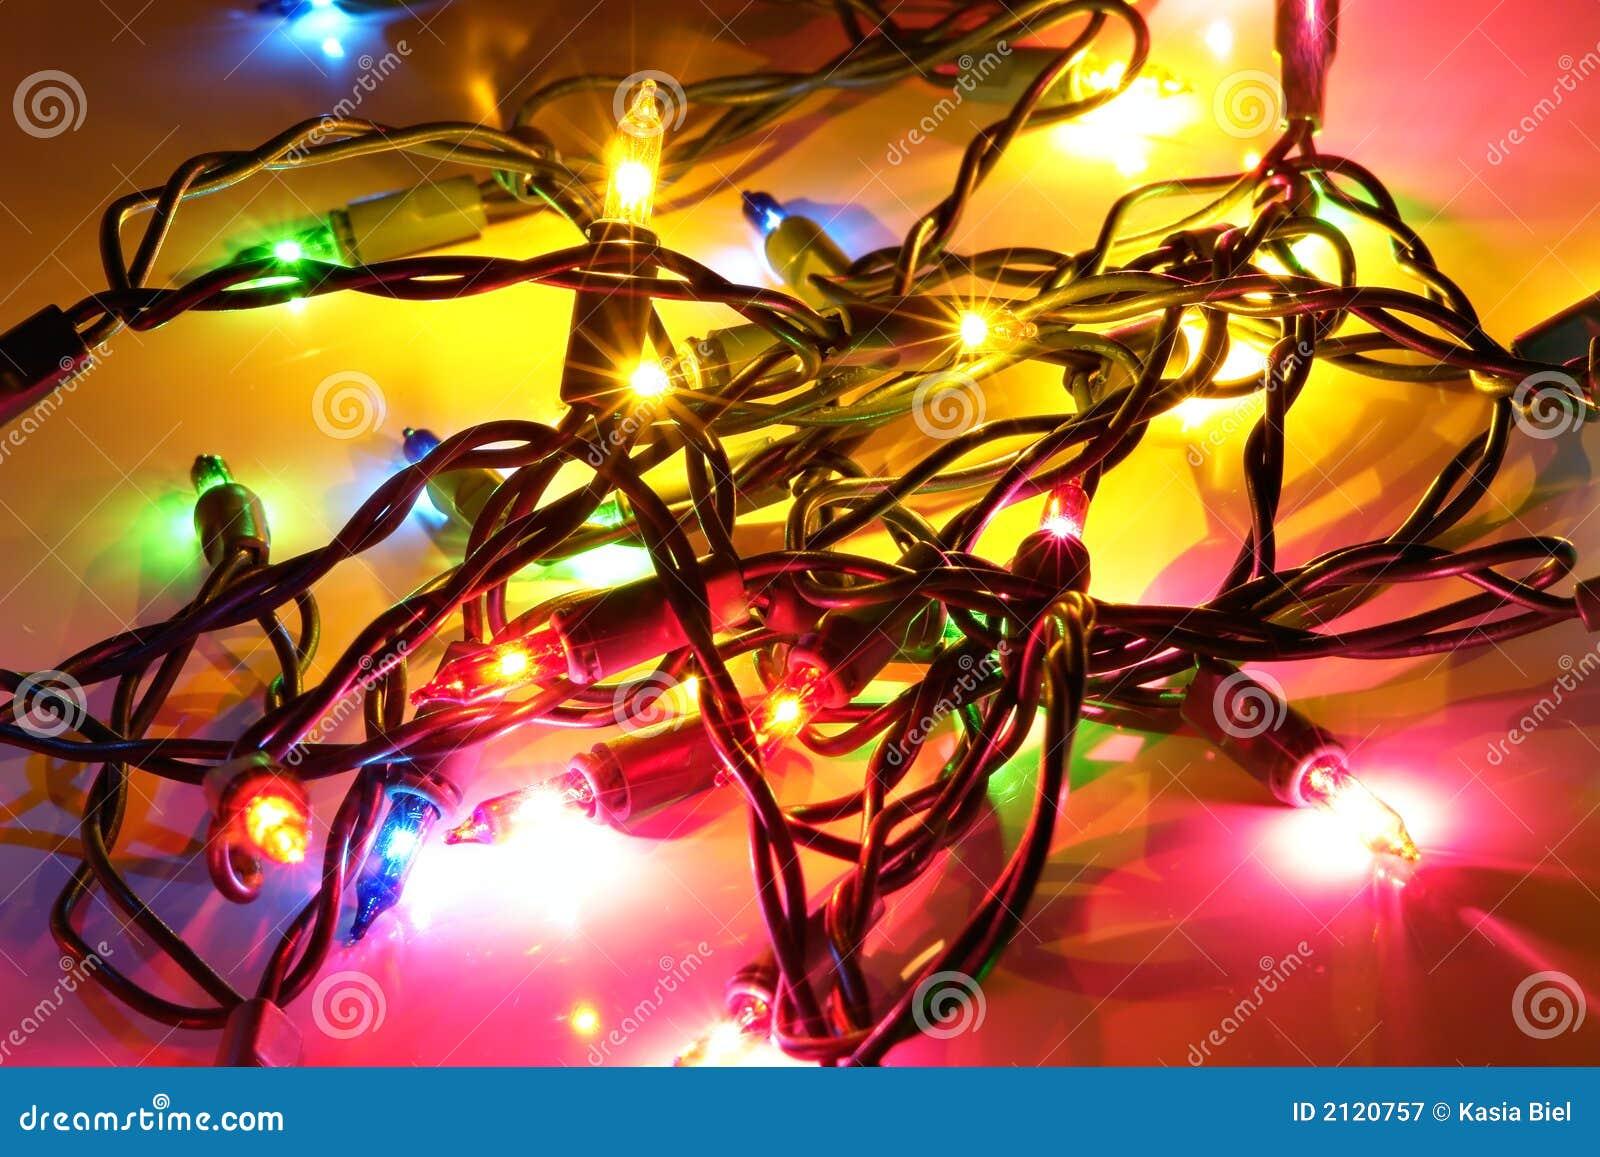 Luces del rbol de navidad fotograf a de archivo libre de for Luces led arbol navidad